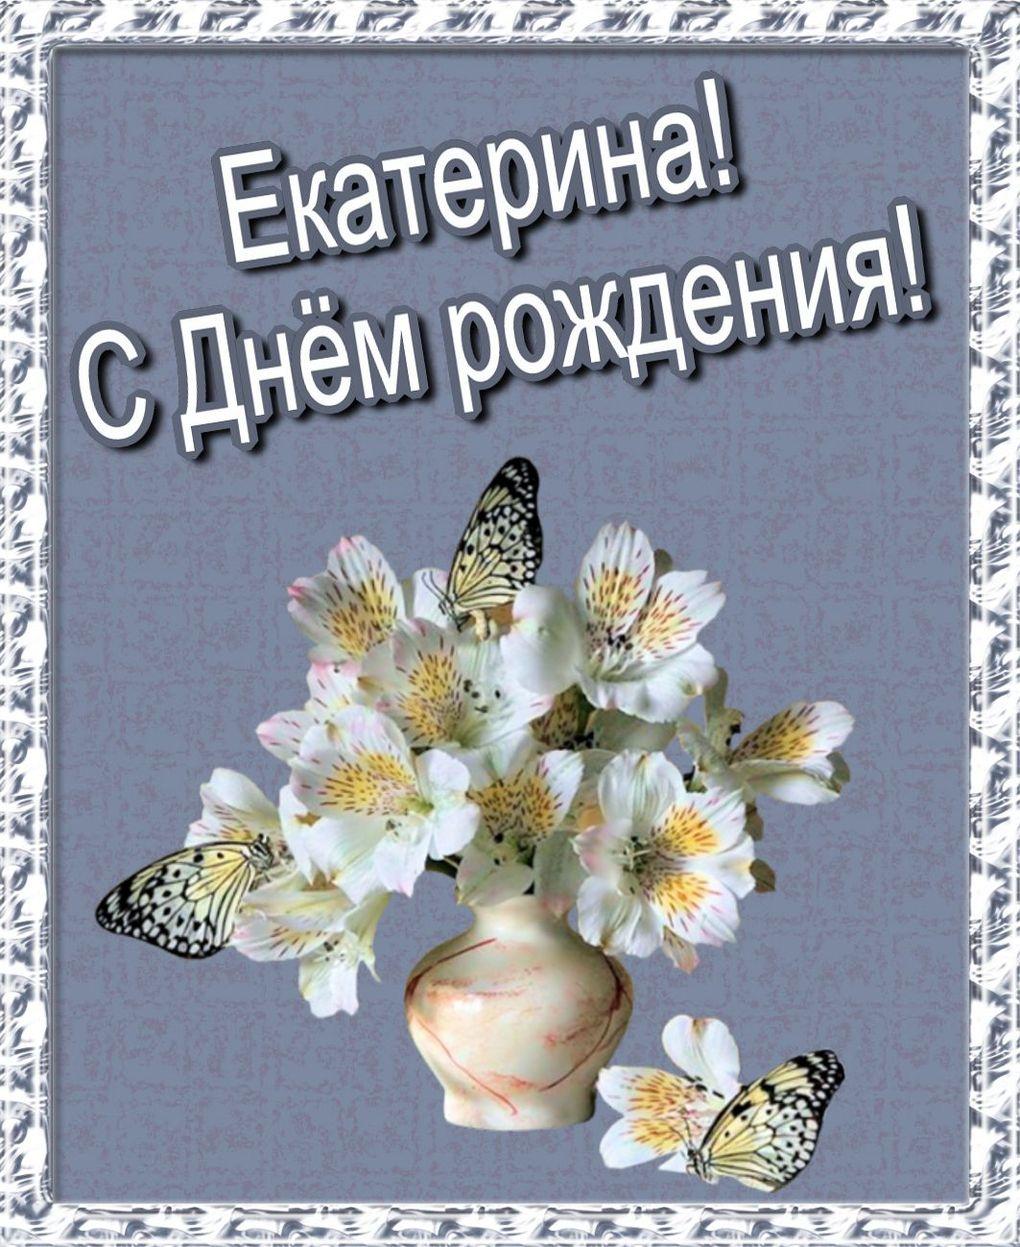 Поздравления с днем рождения екатерина смешные